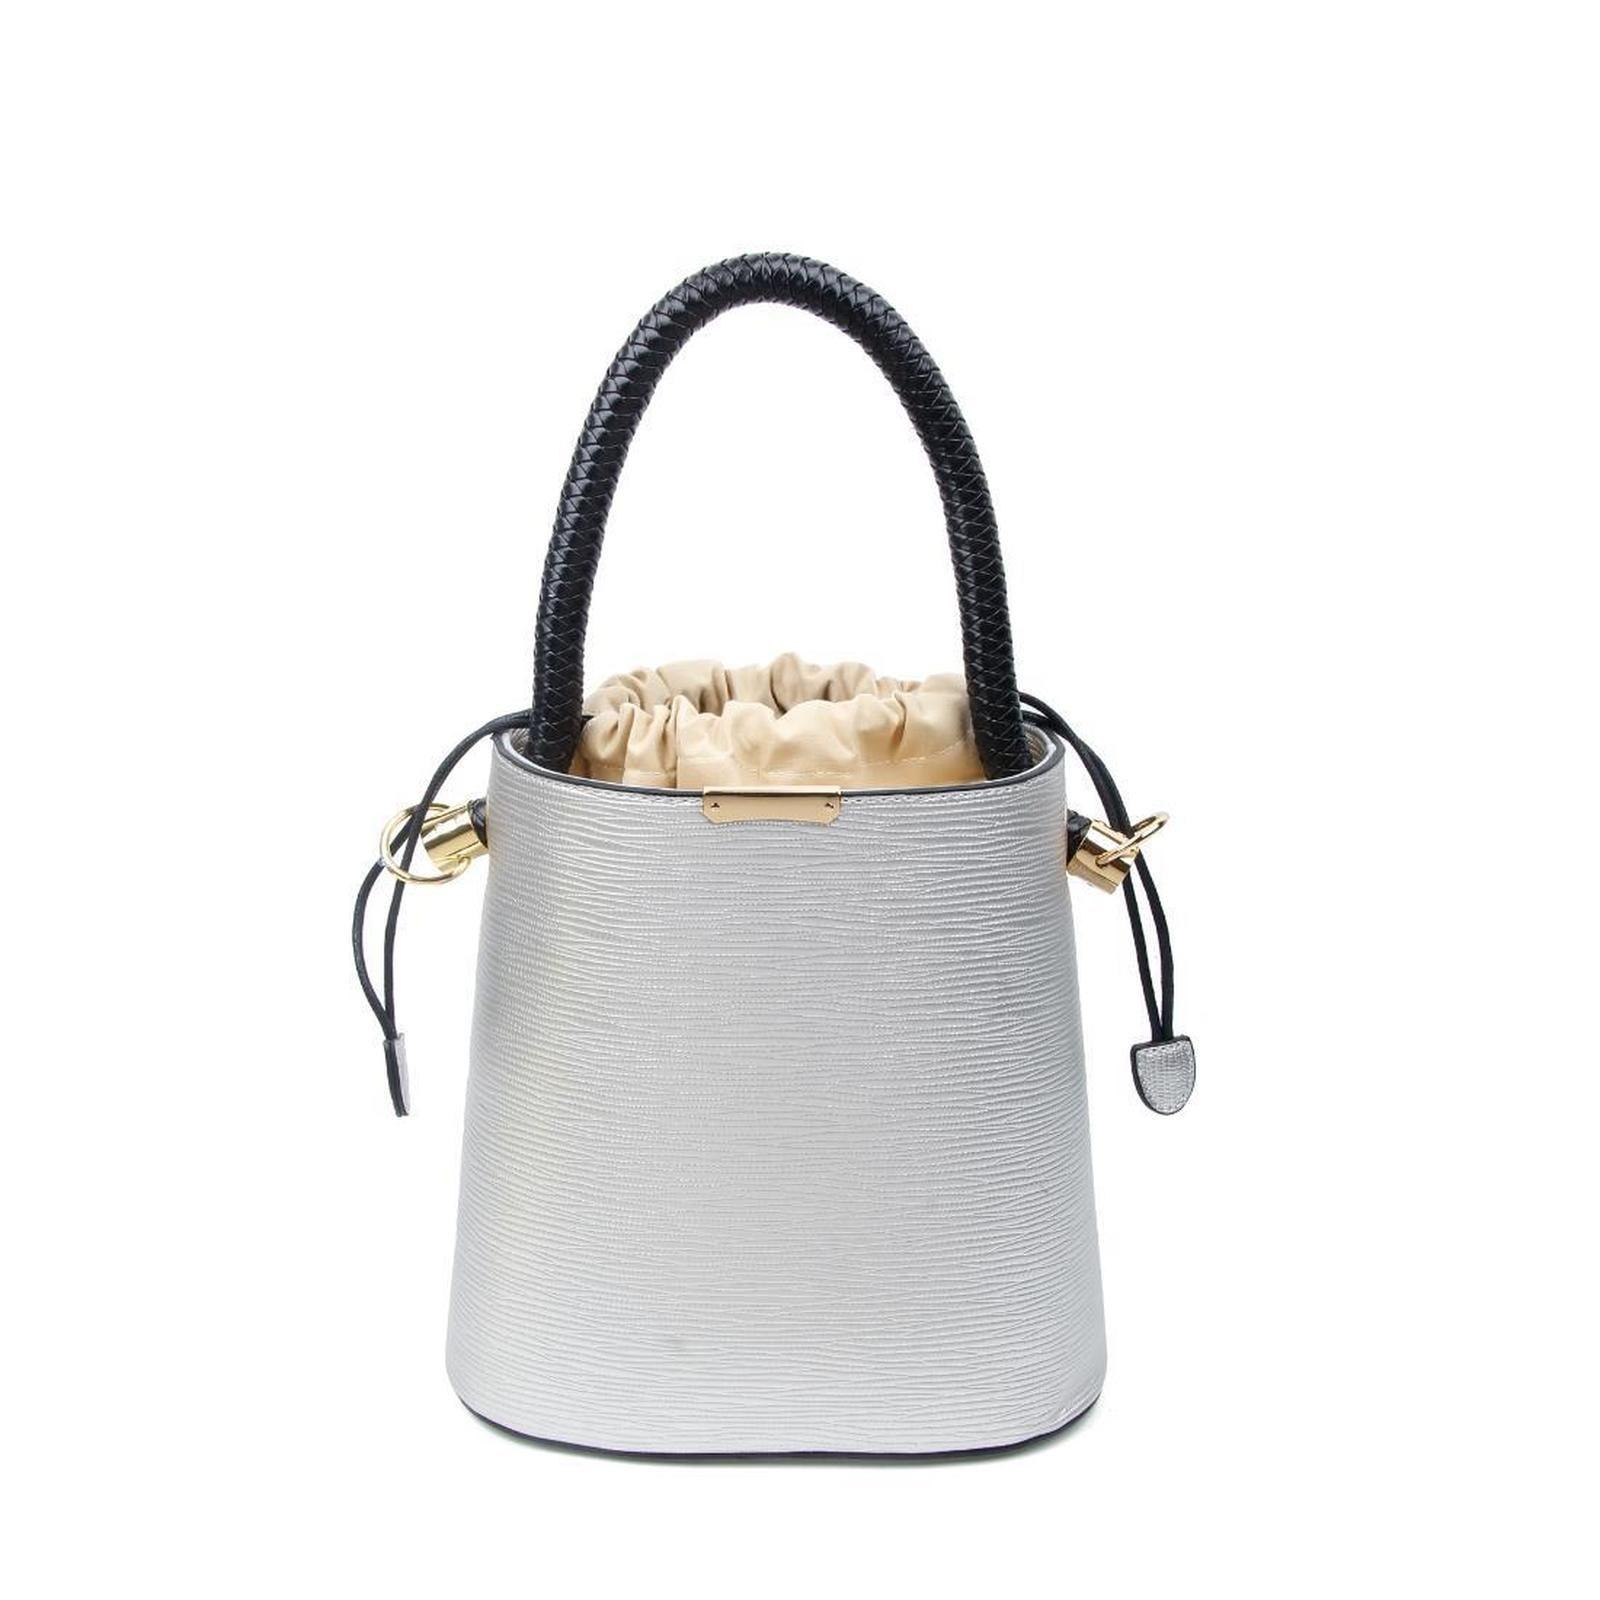 OBC stylische Damen Tasche Bucket Bag Hobo Handtasche Henkeltasche Boho rockig Silber